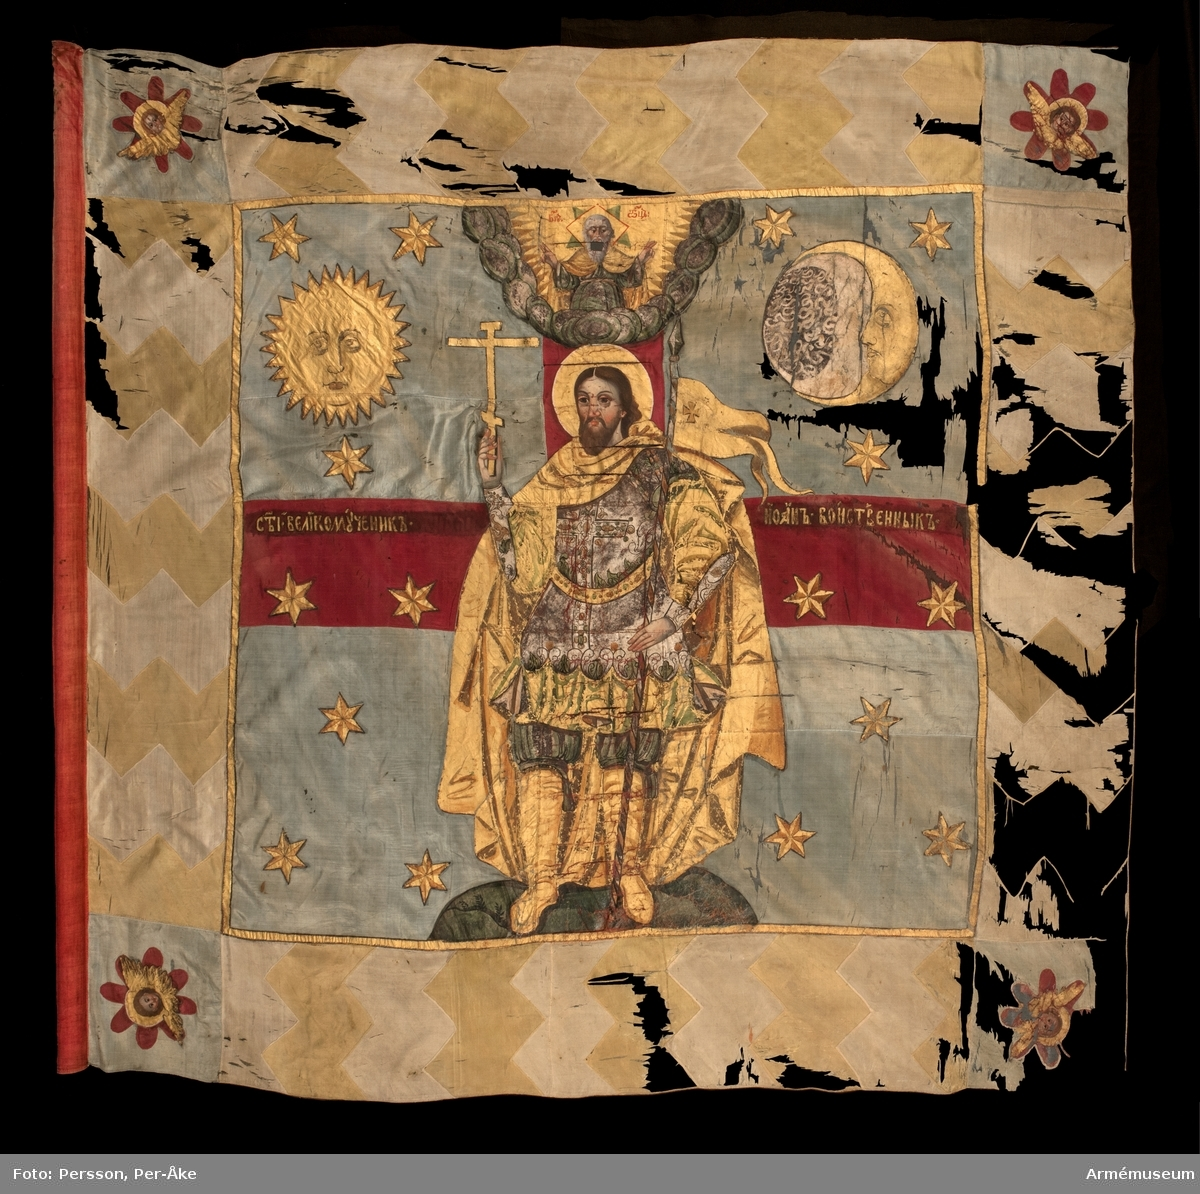 Fana av den typ som användes av streltserförband. Duk av sidentaft. Blått huvudfält som avdelas av ett rött kors. Bård i gult och benvitt zig-zag mönster. Blå fyrkanter i varje hörn med en ängel med guldvingar omgiven av röda blomblad. Fanans huvudmotiv är den helige Johannes soldaten omgiven av solen, månen och 16 stjärnor. På korsarmarna anges helgonets namn på ryska. I ett moln över huvudet på Johannes är en avbildning av Gud. Målat övervägande i guld- (äkta guld) och silverfärger (blyvitt). Strumpa av rött linne. Stång av standartyp, avsågad. Bemålad med blomsterornament. Spår finns av äpple som dock saknas.